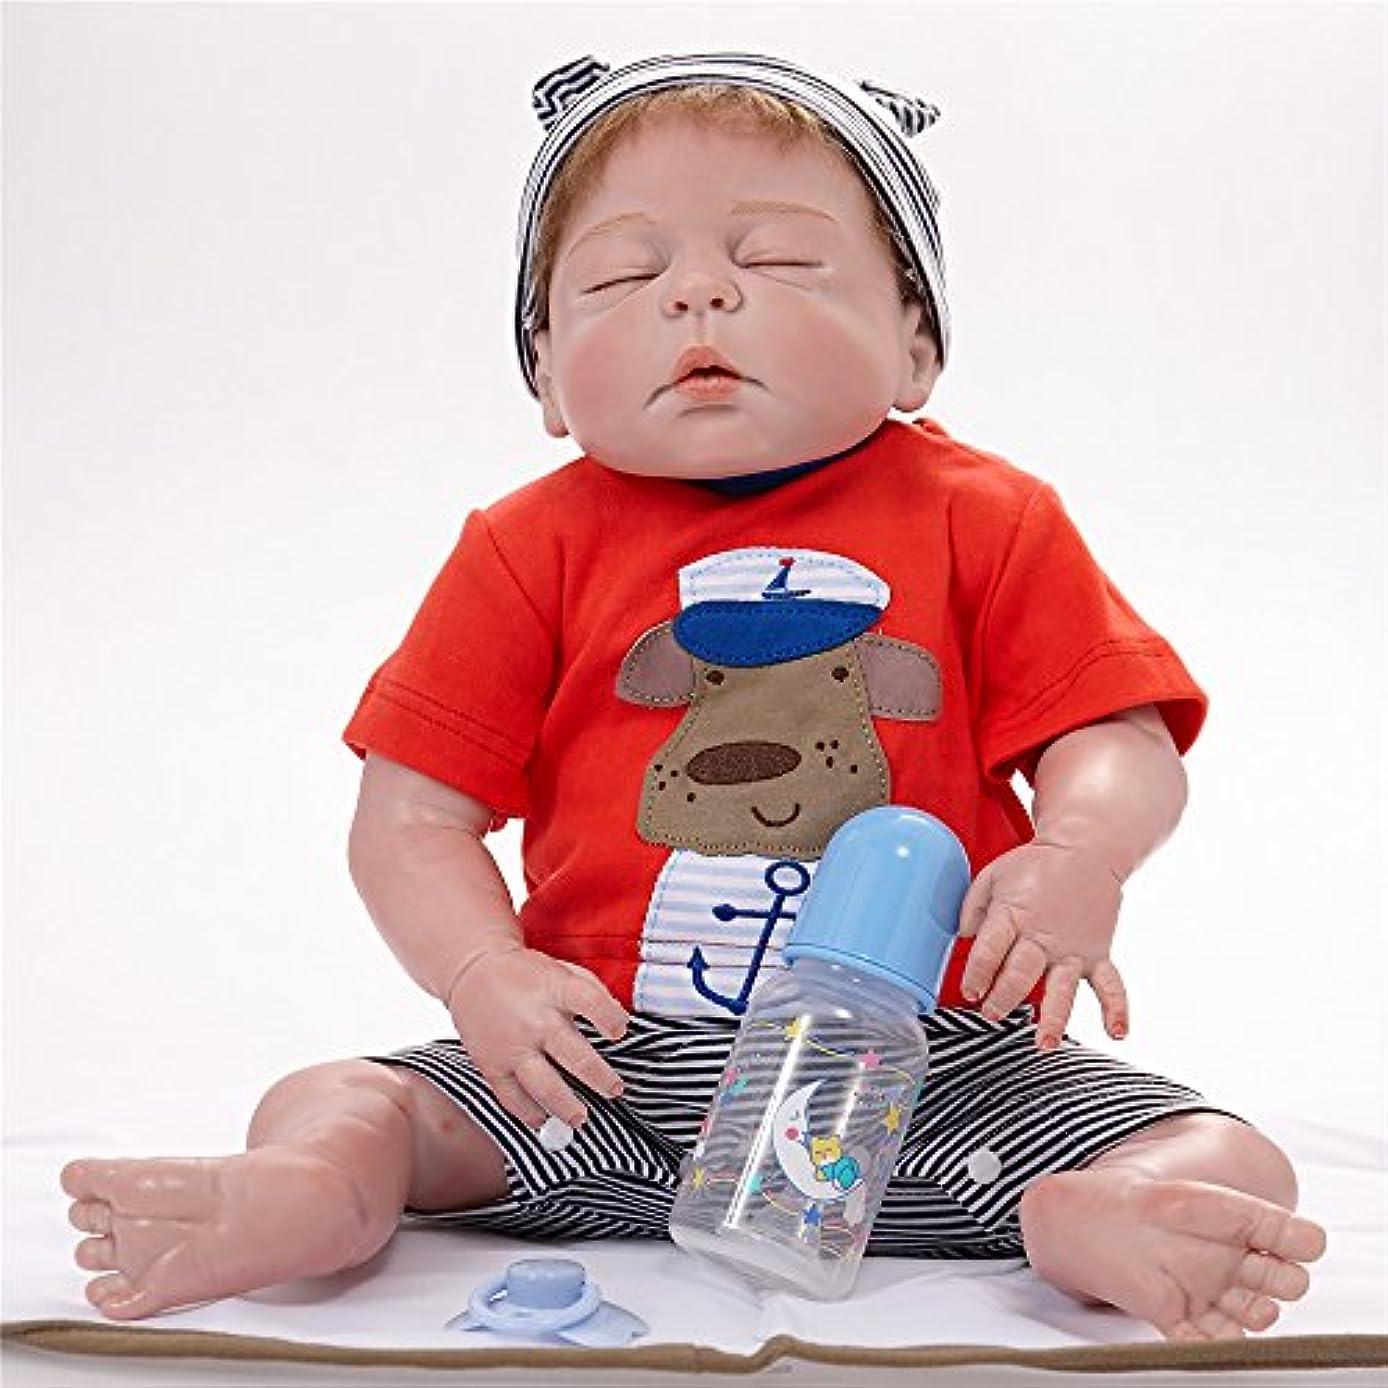 多様な真向こう新しさPKJOkmjko オールシリコンの人形の生まれ変わりな女の子の人形23寸58センチ迫真姫の子供のおもちゃの子供の誕生日プレゼント